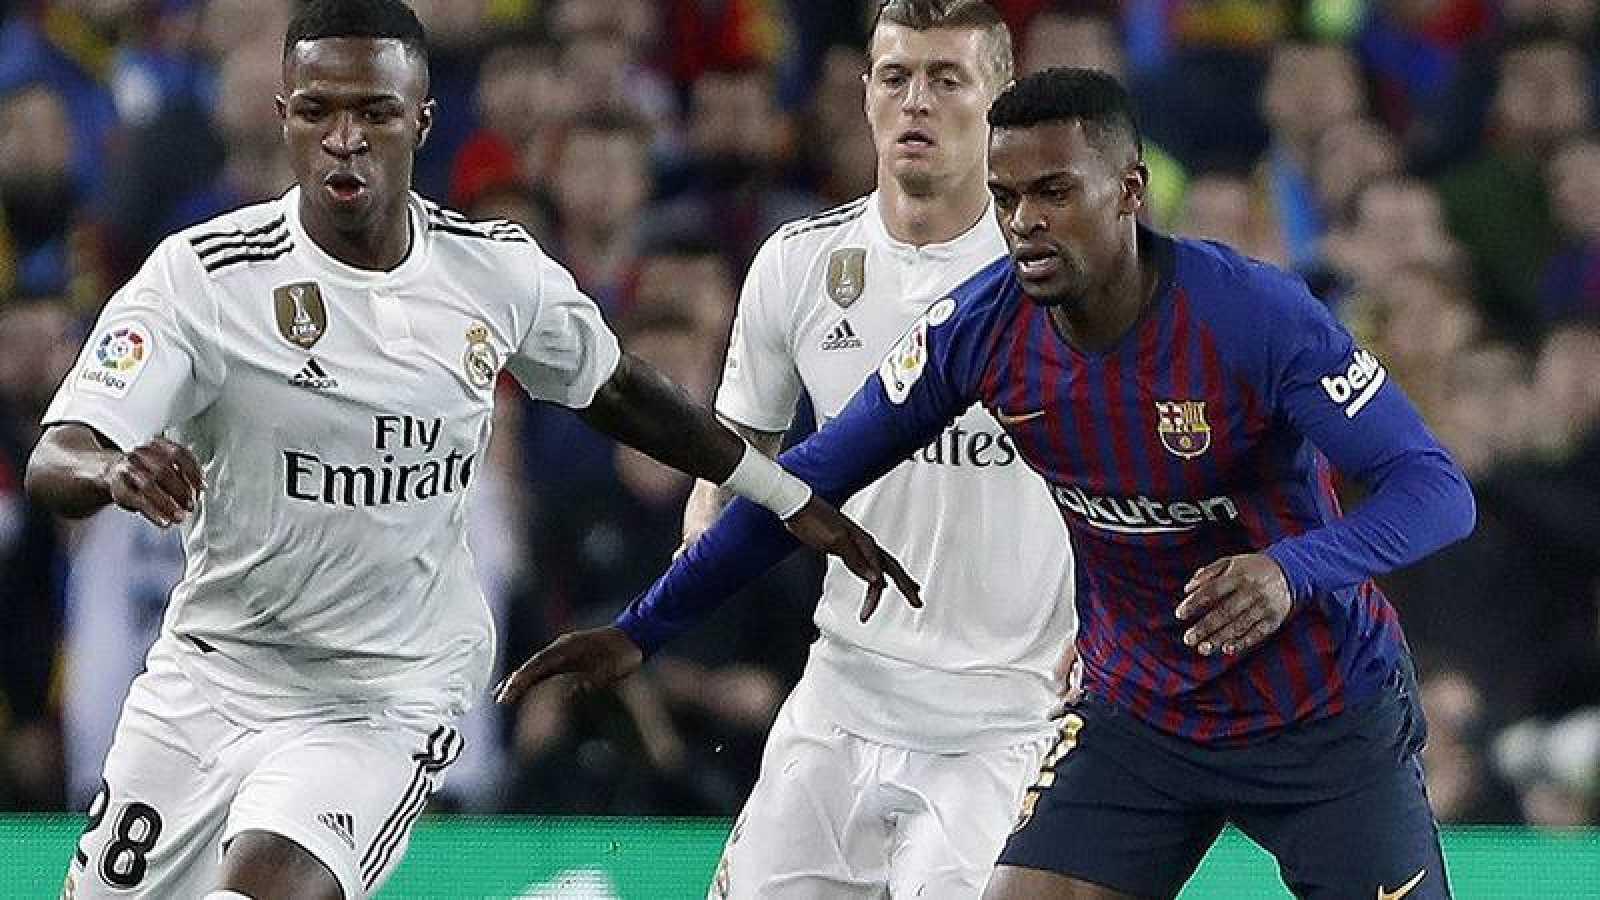 El delantero brasileño del Real Madrid, Vinicius Júnior (i), pelea un balón con el delantero brasileño del FC Barcelona, Malcom (d), en el partido de ida.